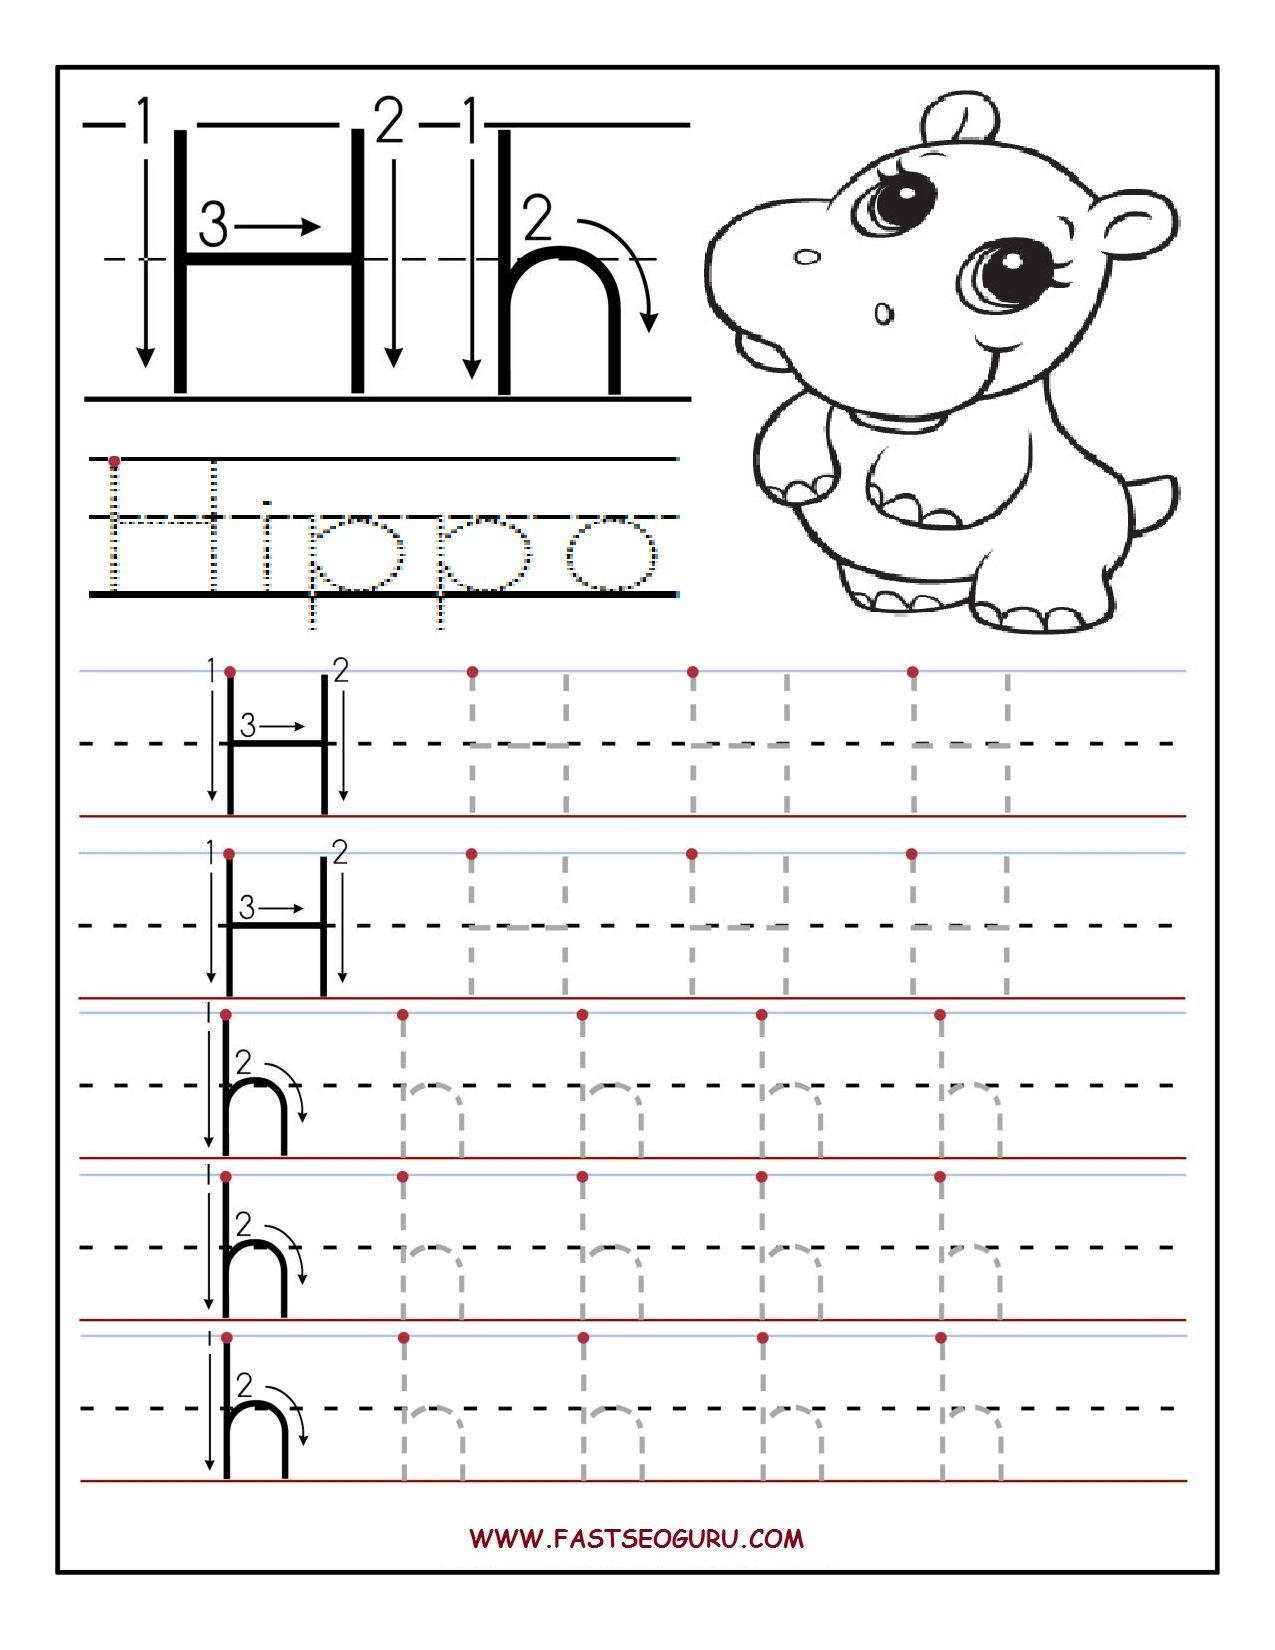 Printable Letter H Tracing Worksheets For Preschool | Alpha regarding Alphabet Worksheets H